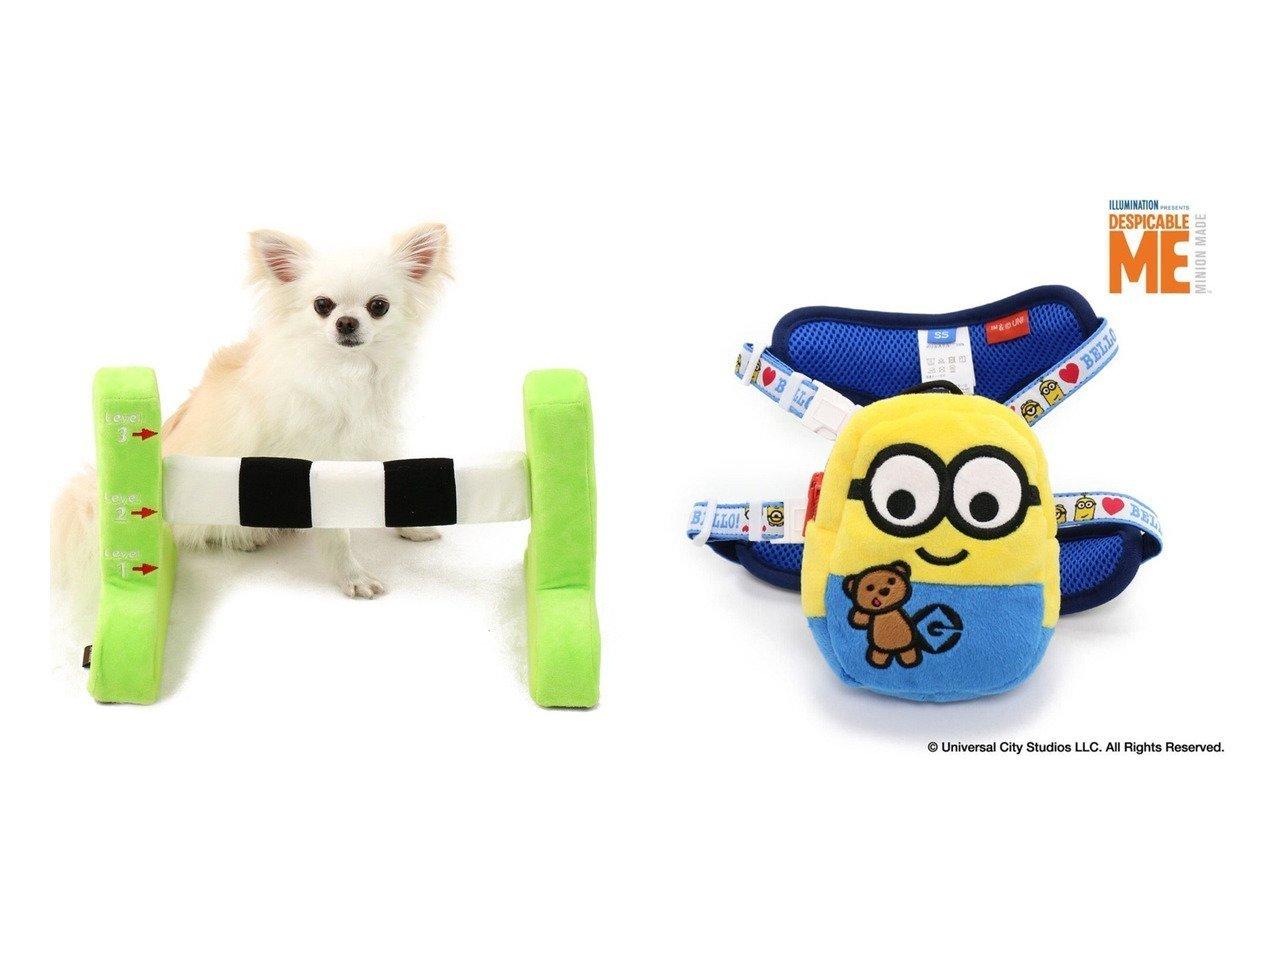 【PET PARADISE/ペットパラダイス】のミニオン ボブ リュック ハーネスSS〔小型犬〕&ペットパラダイス ぴょんぴょんハードル 犬用おもちゃ おすすめ!人気、ペットグッズの通販 おすすめで人気の流行・トレンド、ファッションの通販商品 メンズファッション・キッズファッション・インテリア・家具・レディースファッション・服の通販 founy(ファニー) https://founy.com/ 犬 Dog ホームグッズ Home/Garden ペットグッズ Pet Supplies  ID:crp329100000032783